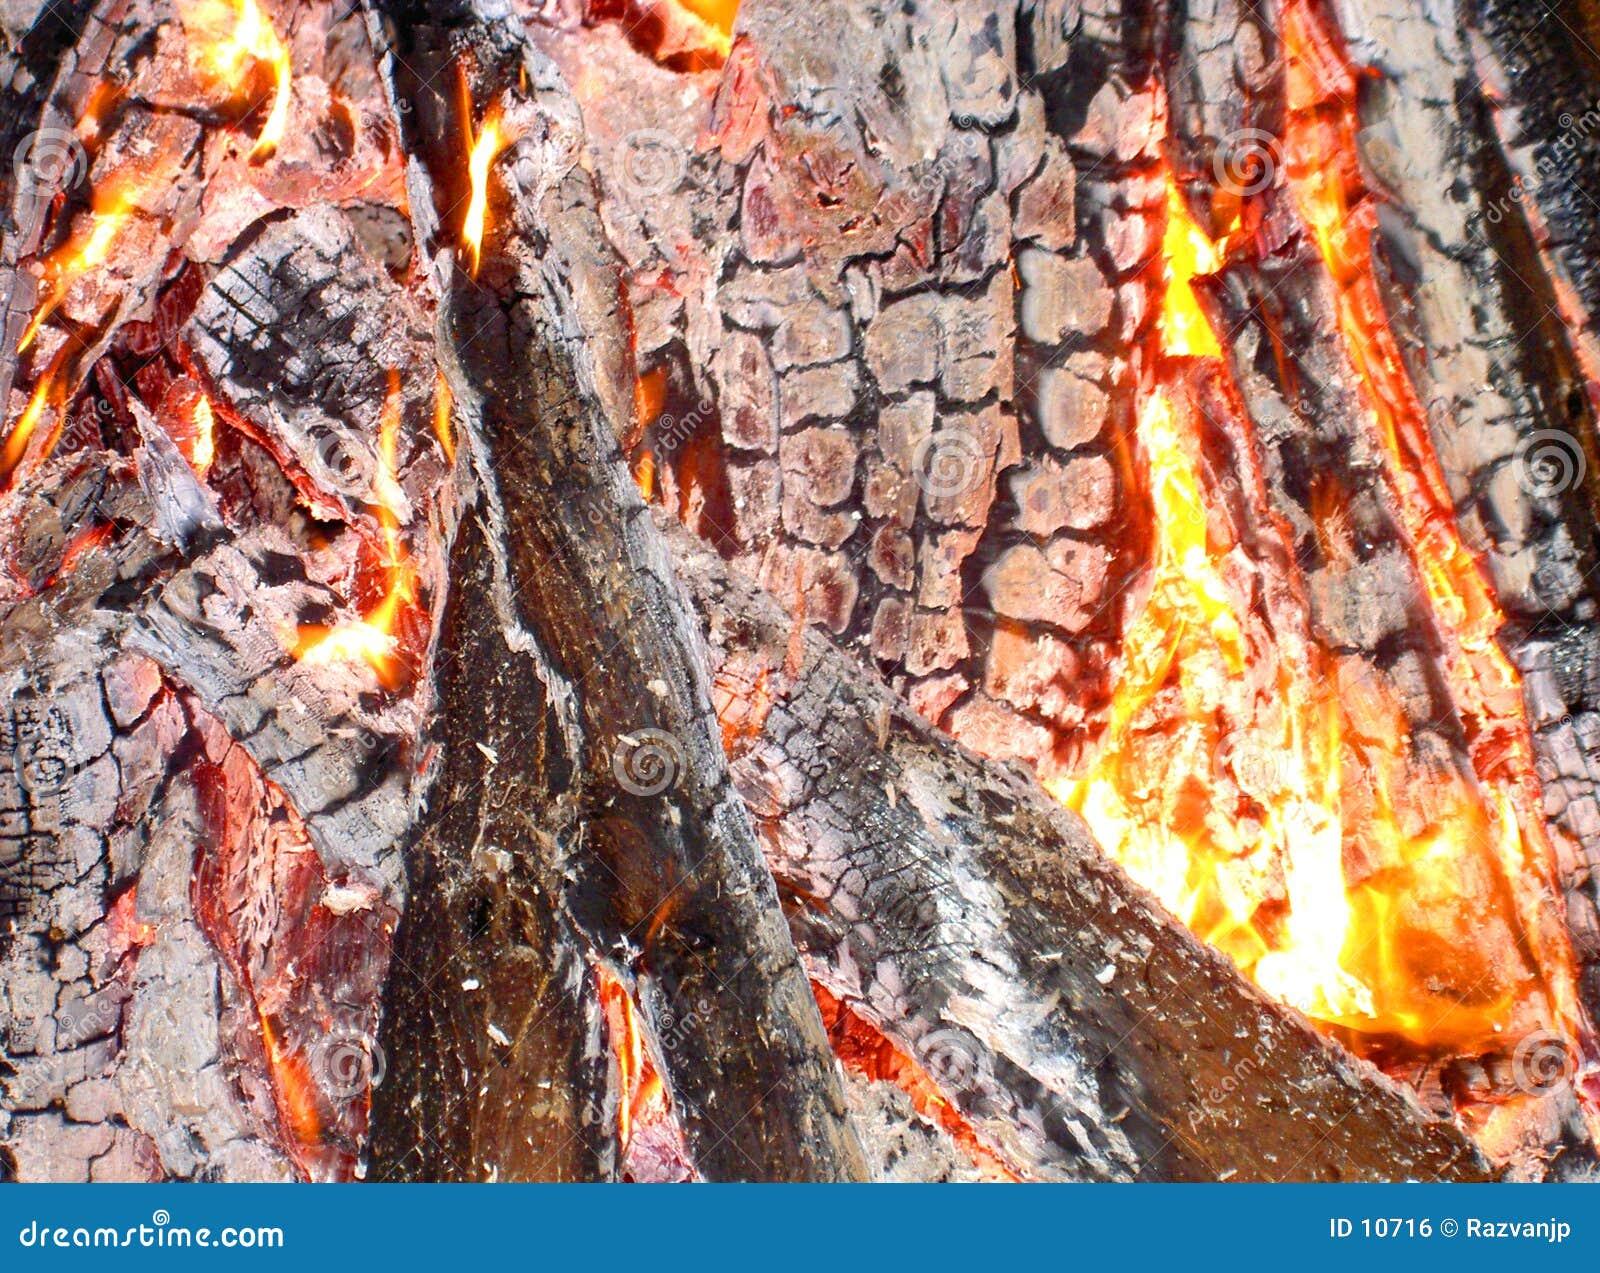 Fire anatomy